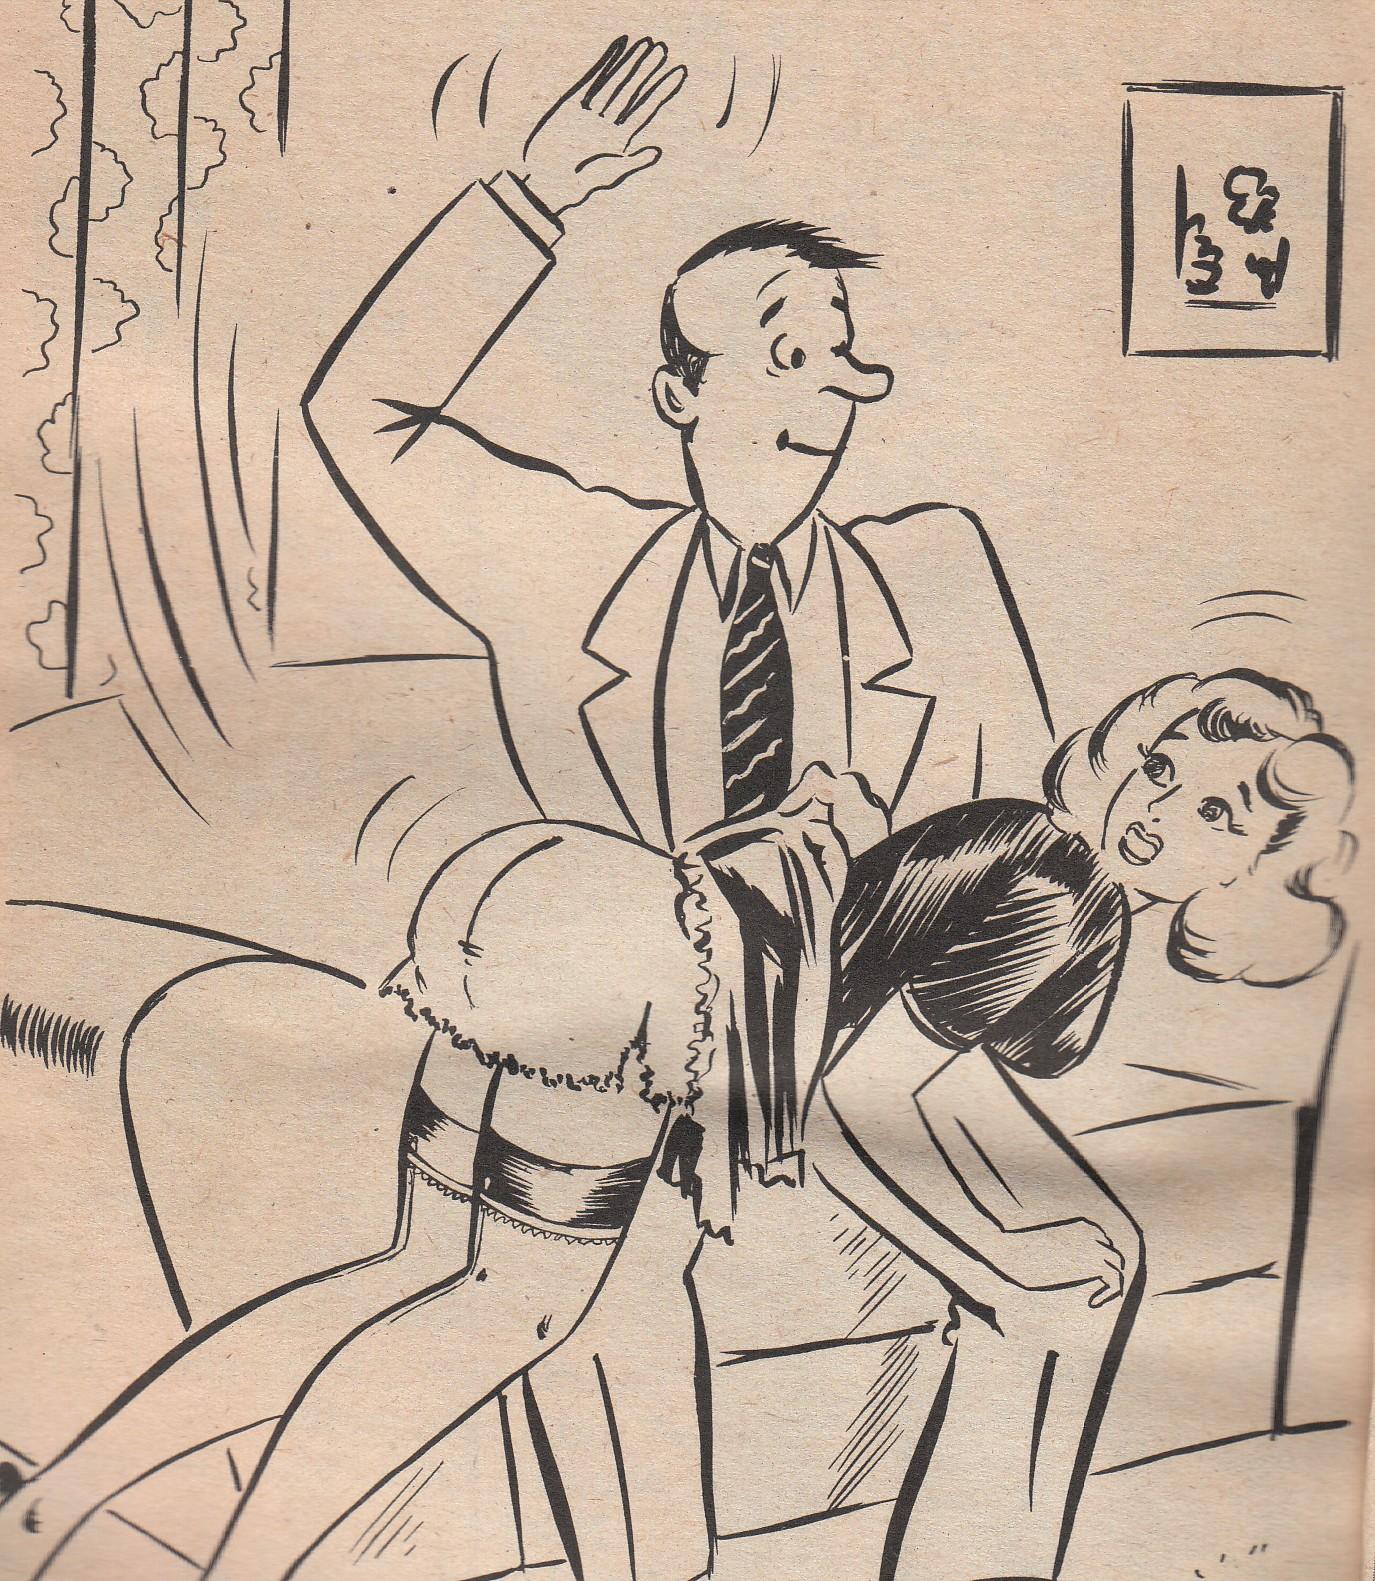 Otk Spanking Girl Cartoon | Kumpulan Berbagai Gambar Memek | GMO